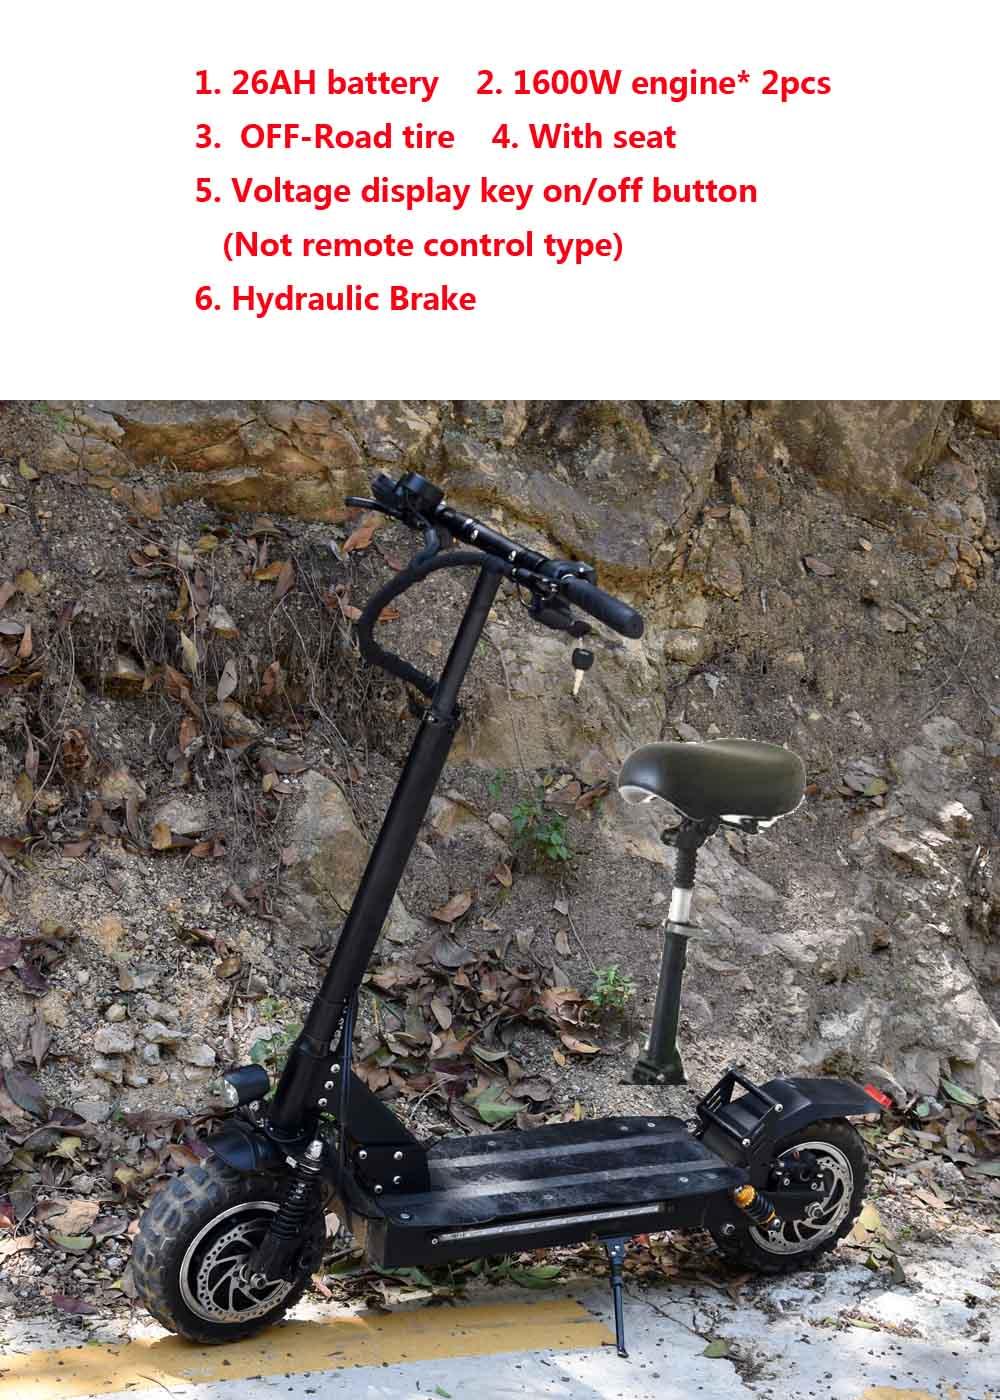 Roller Praktisch Elektrische Roller Mit 60 V/3200 W Starke Leistung Kick Fett Reifen Große Elektrische Roller Mit Sitz